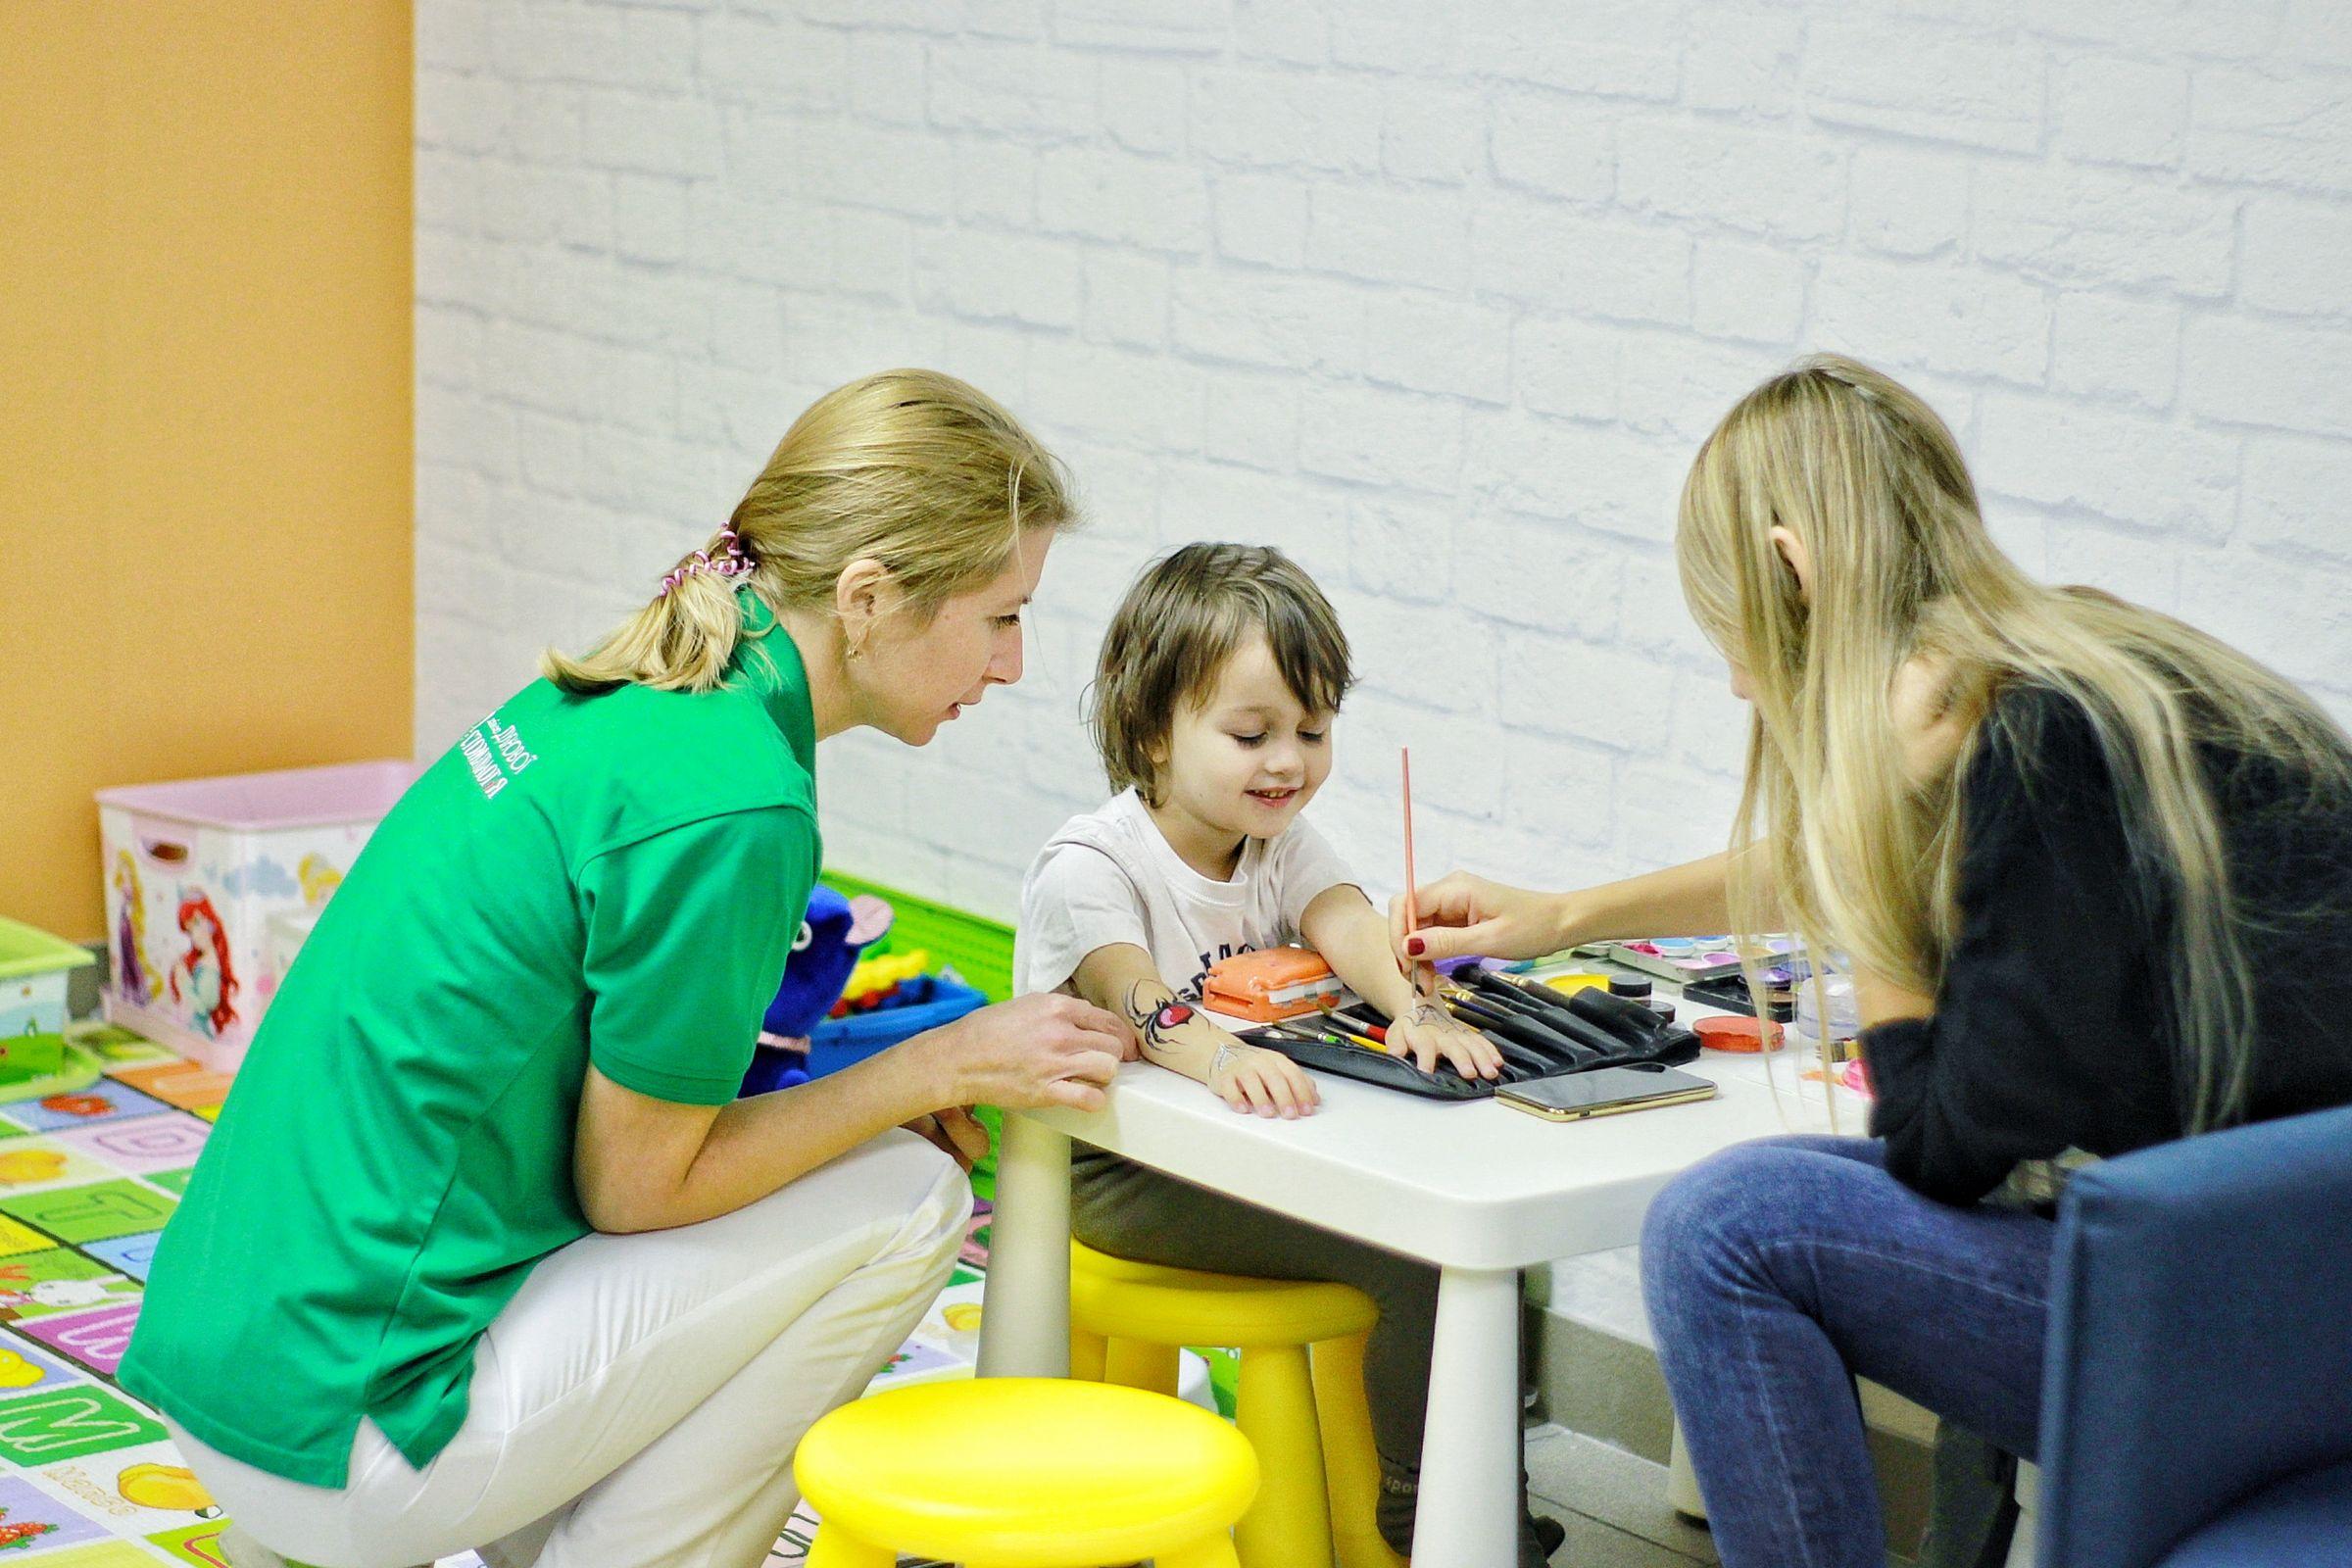 Детская стоматология — кто сказал, что там не интересно?!